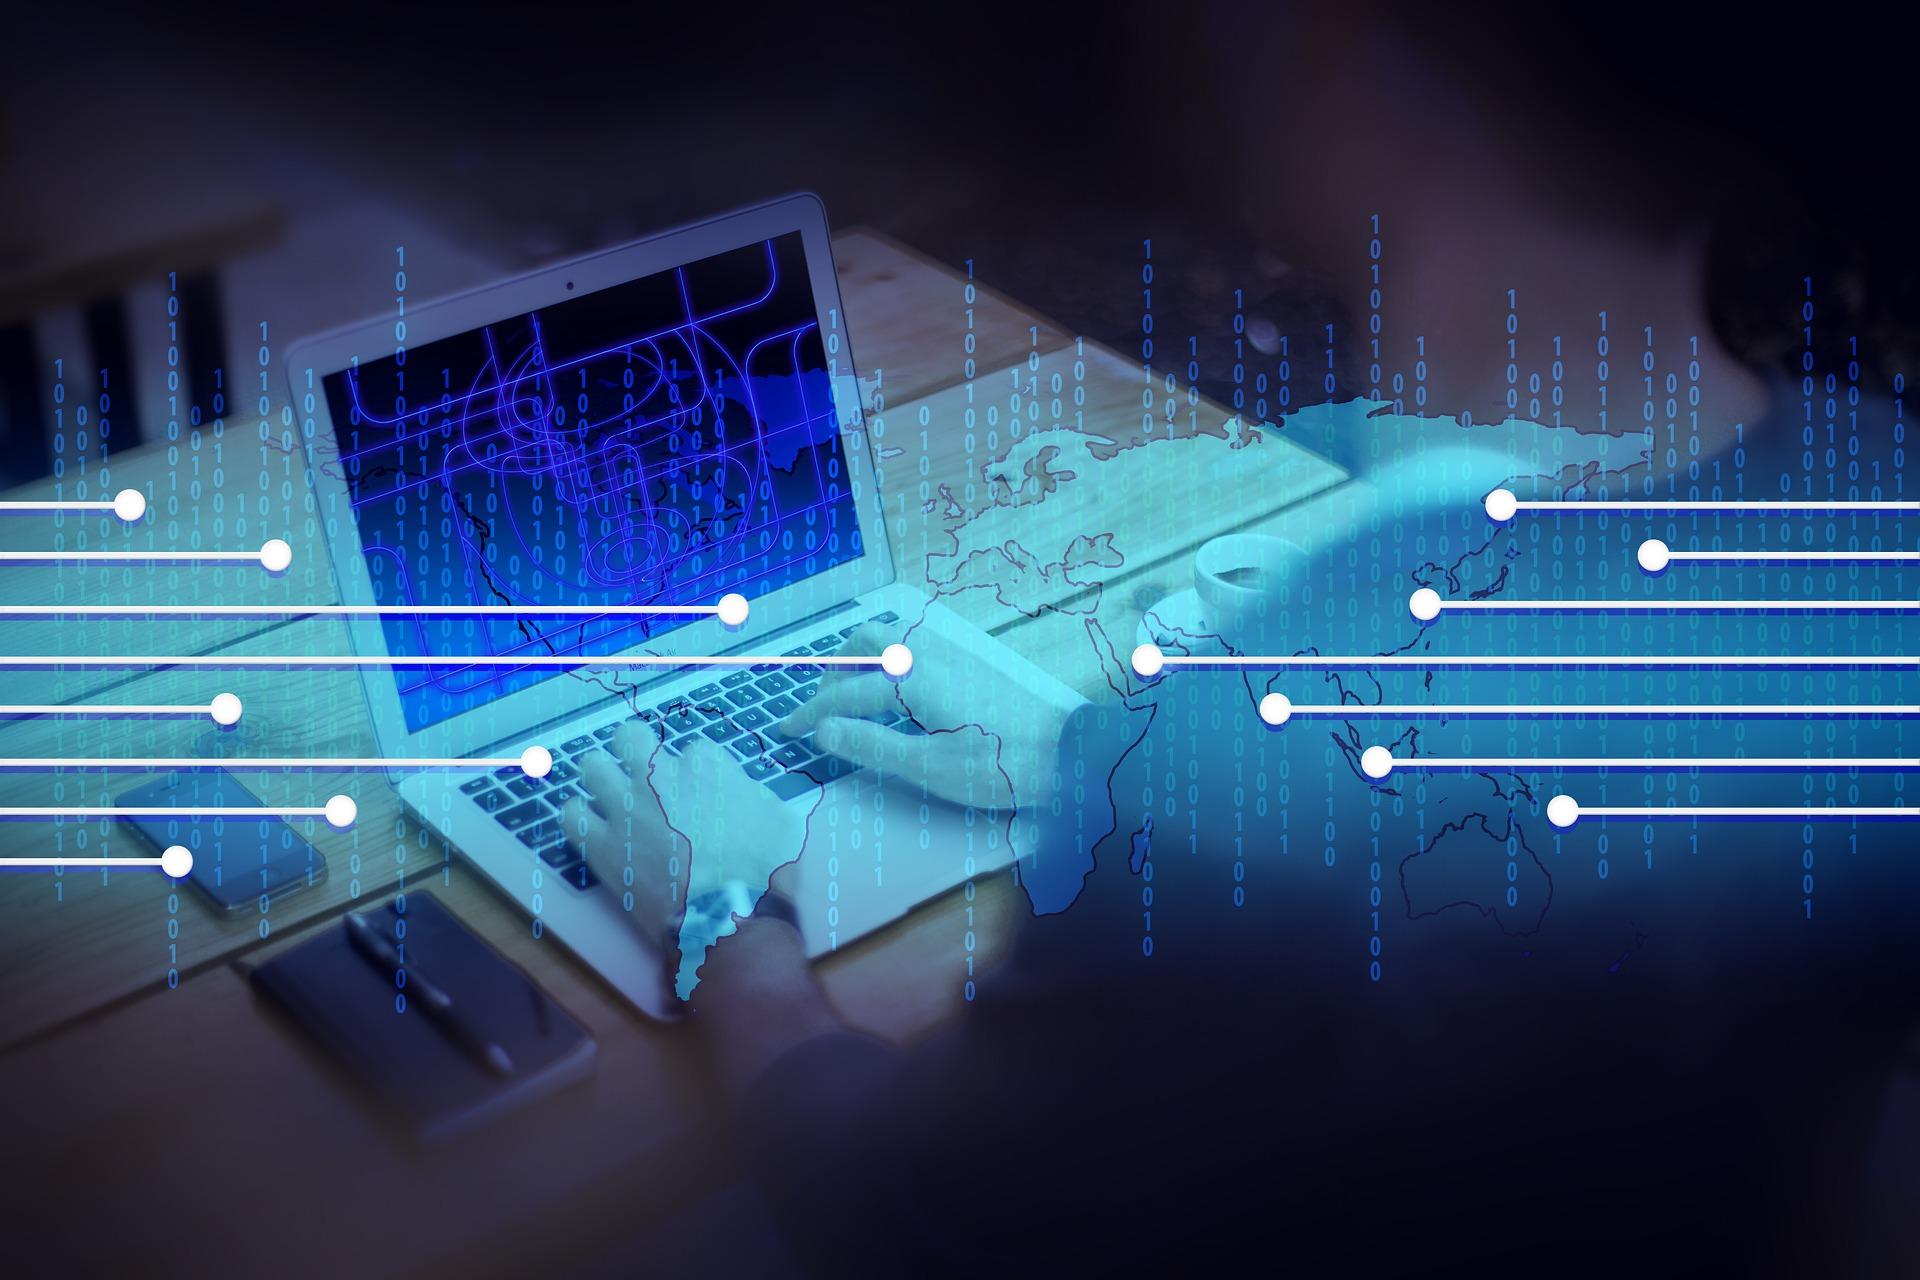 Teletrabajo: Riesgos de ciberseguridad y cómo solucionarlos